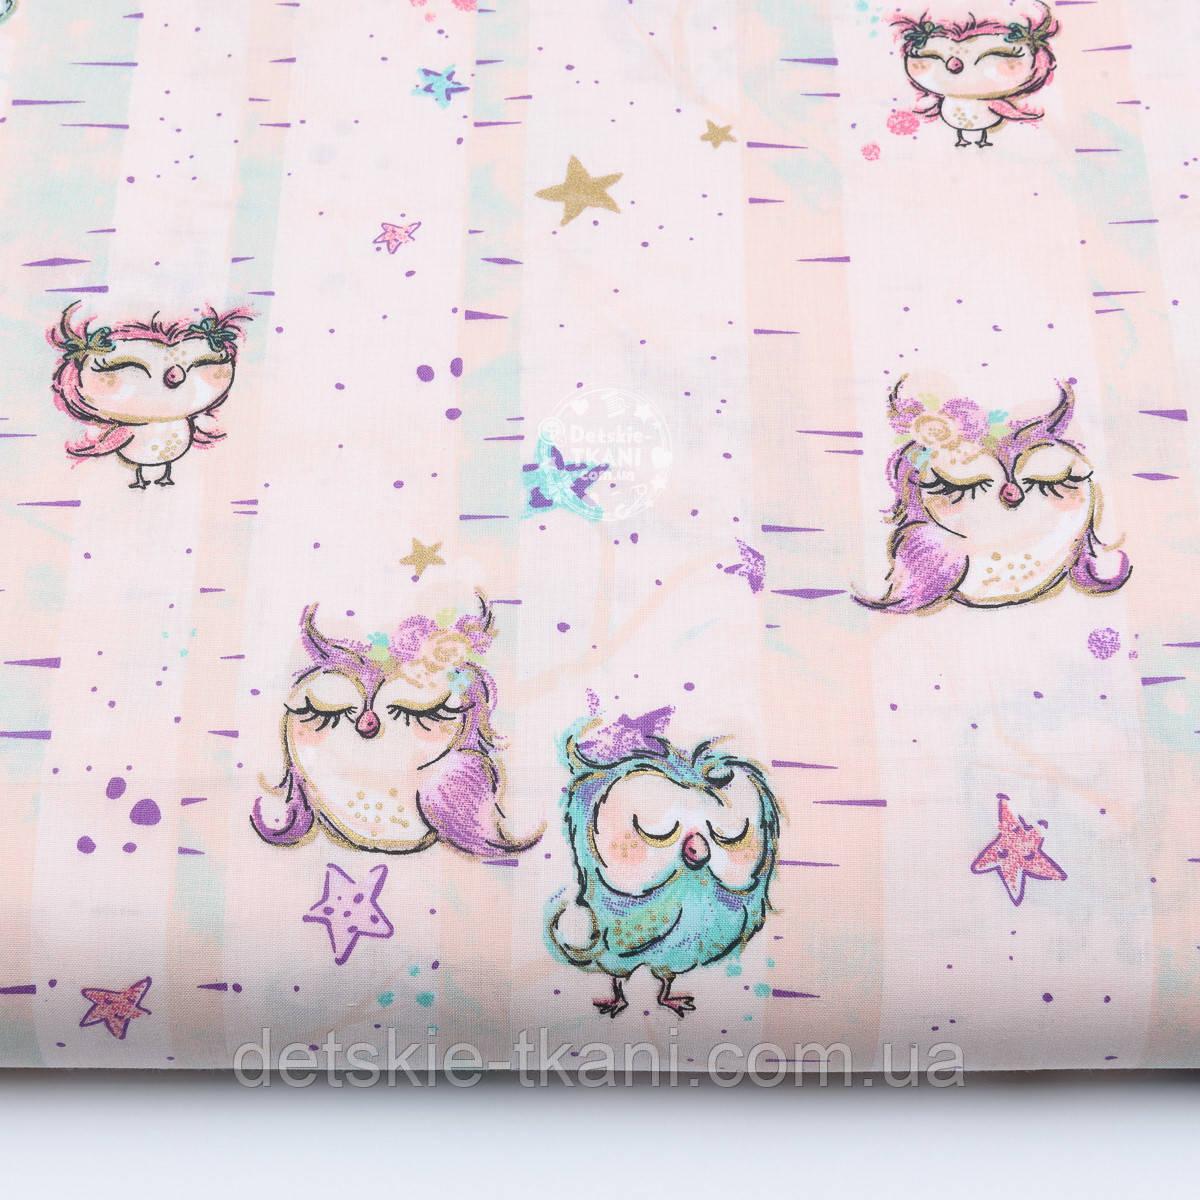 """Лоскут ткани """"Спящие совушки и золотистые звёздочки"""" на кремовых полосках, №1873а, размер 44*80 см"""